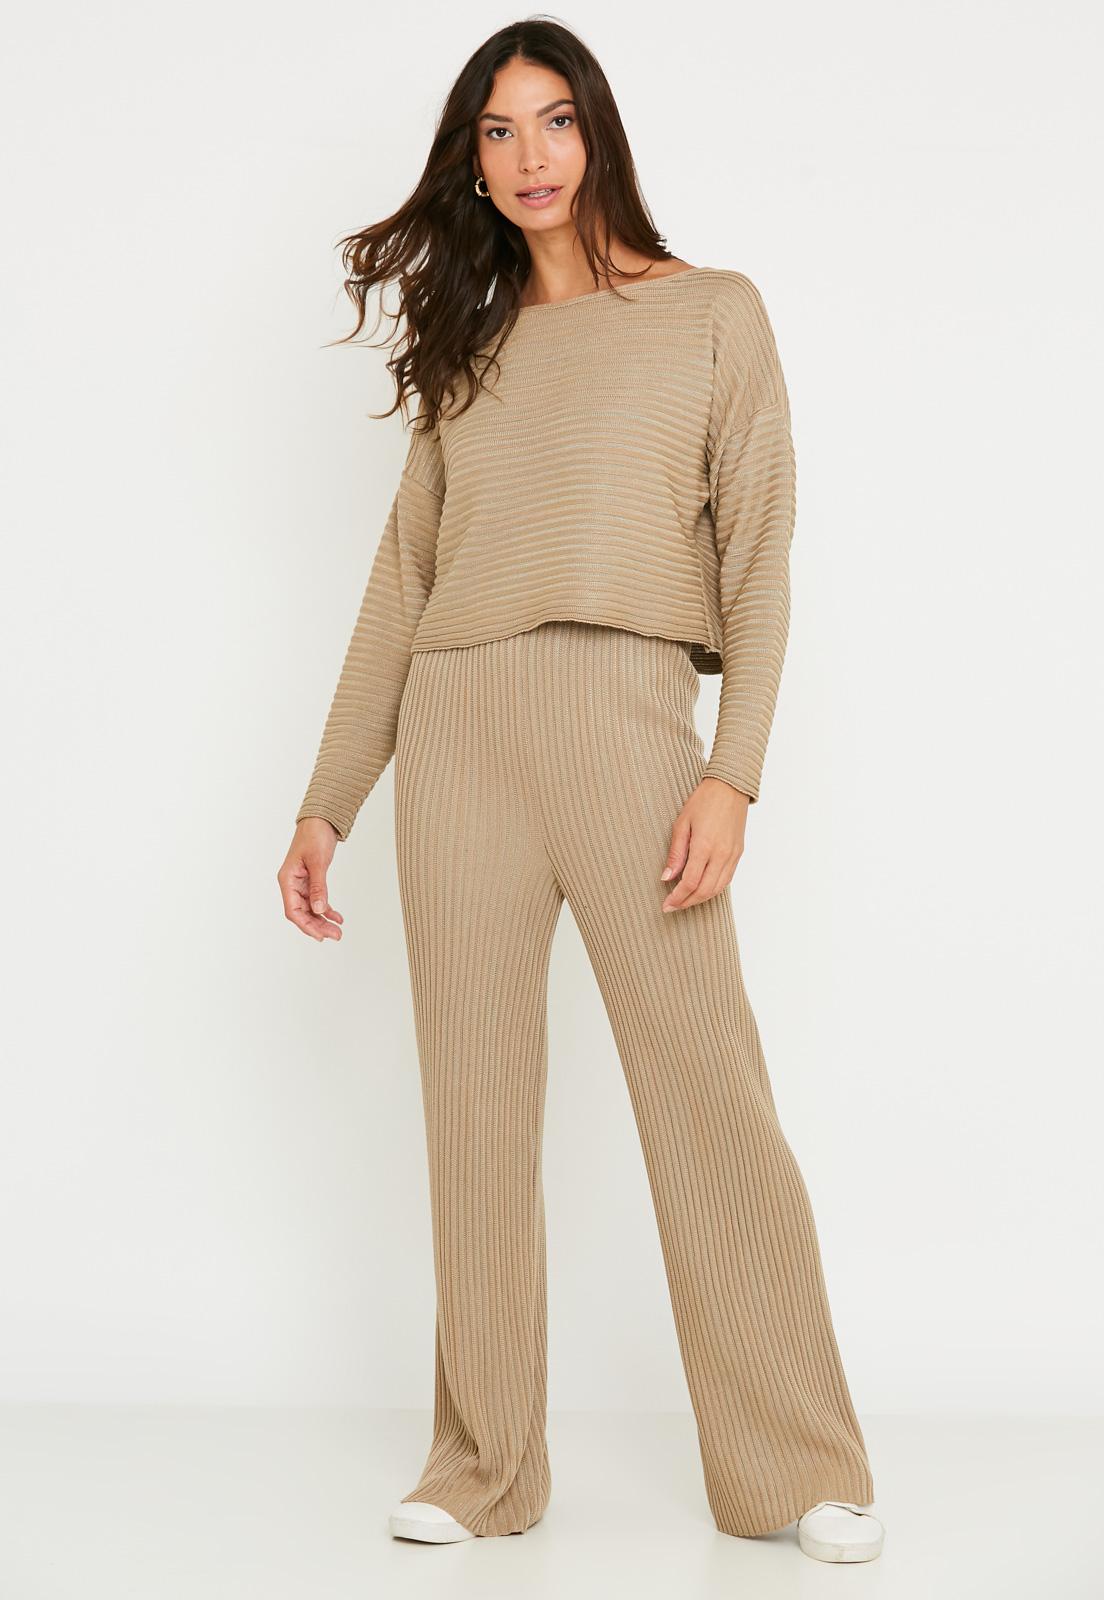 Conjunto de Tricot calça pantalona e blusa manga longa canelado - Bege